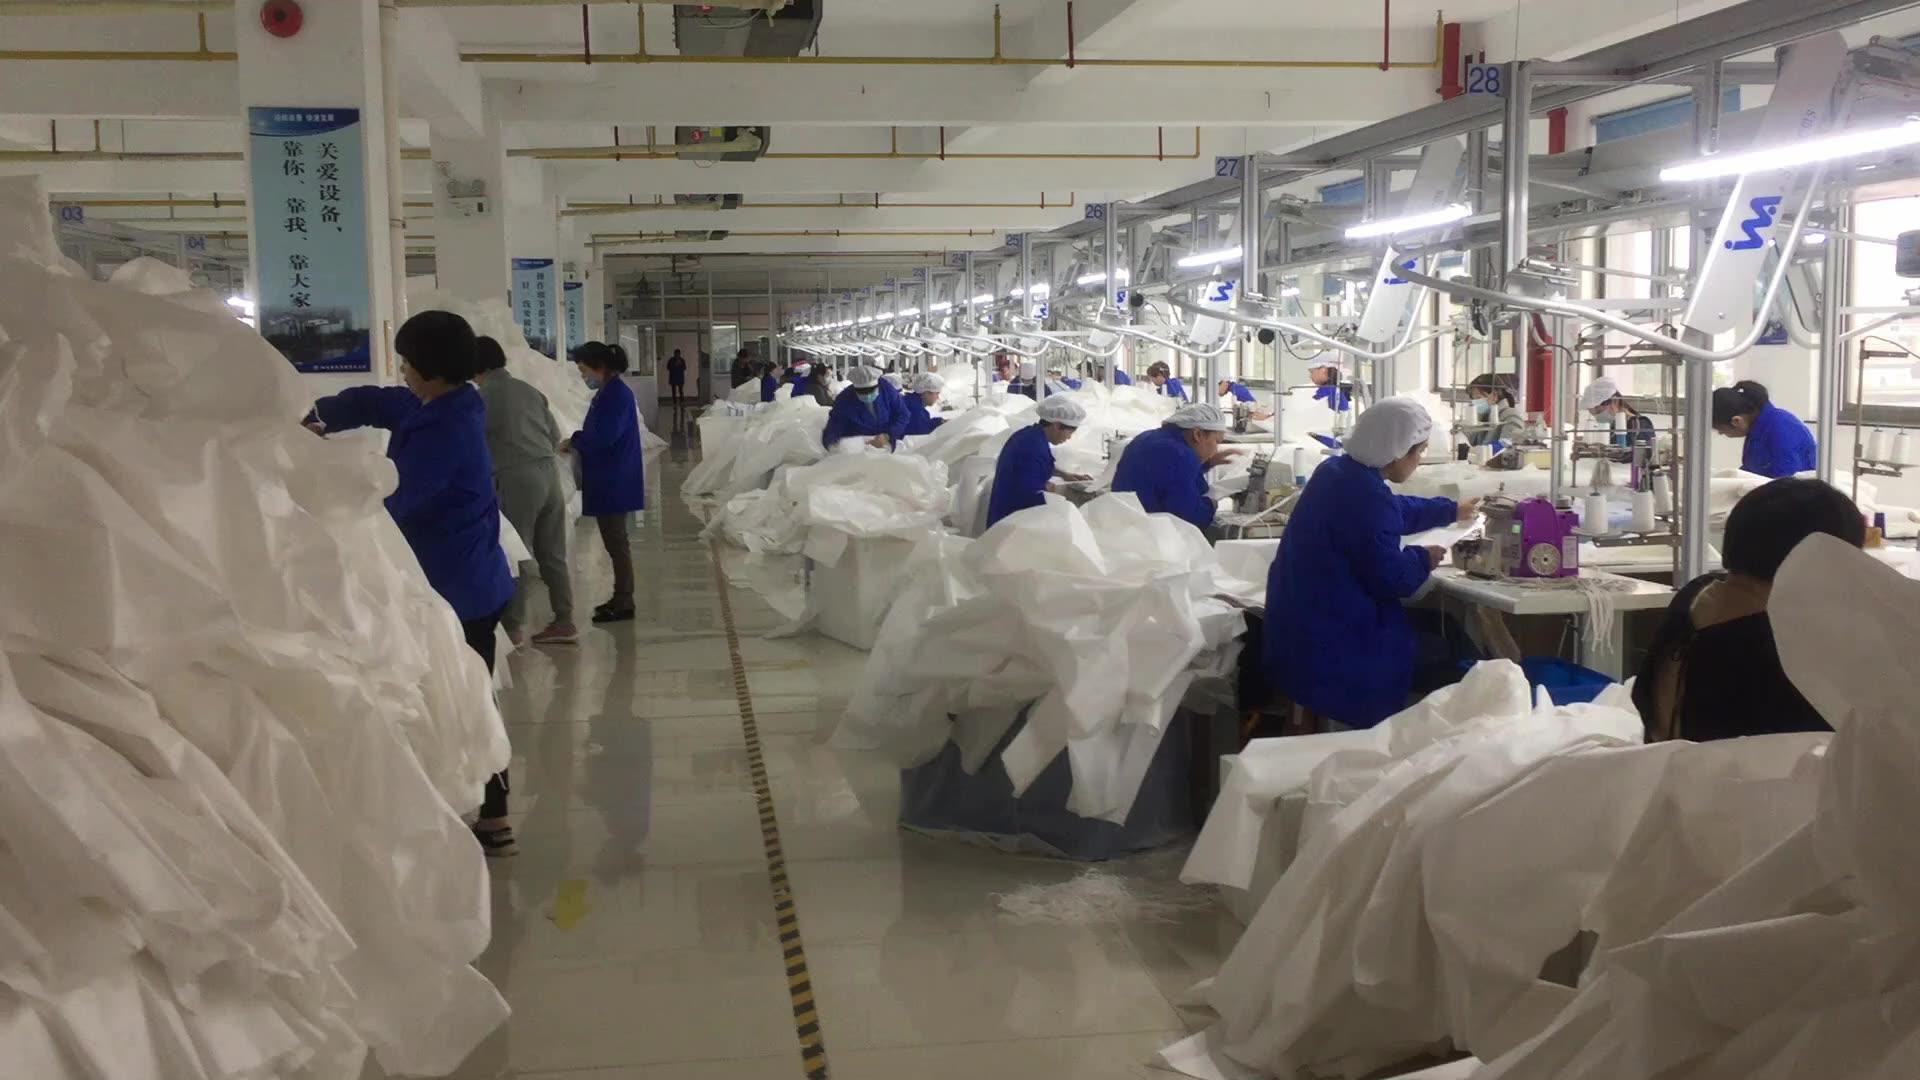 医療カバーオール不織布分離スーツカバーオール外科使い捨て防護服